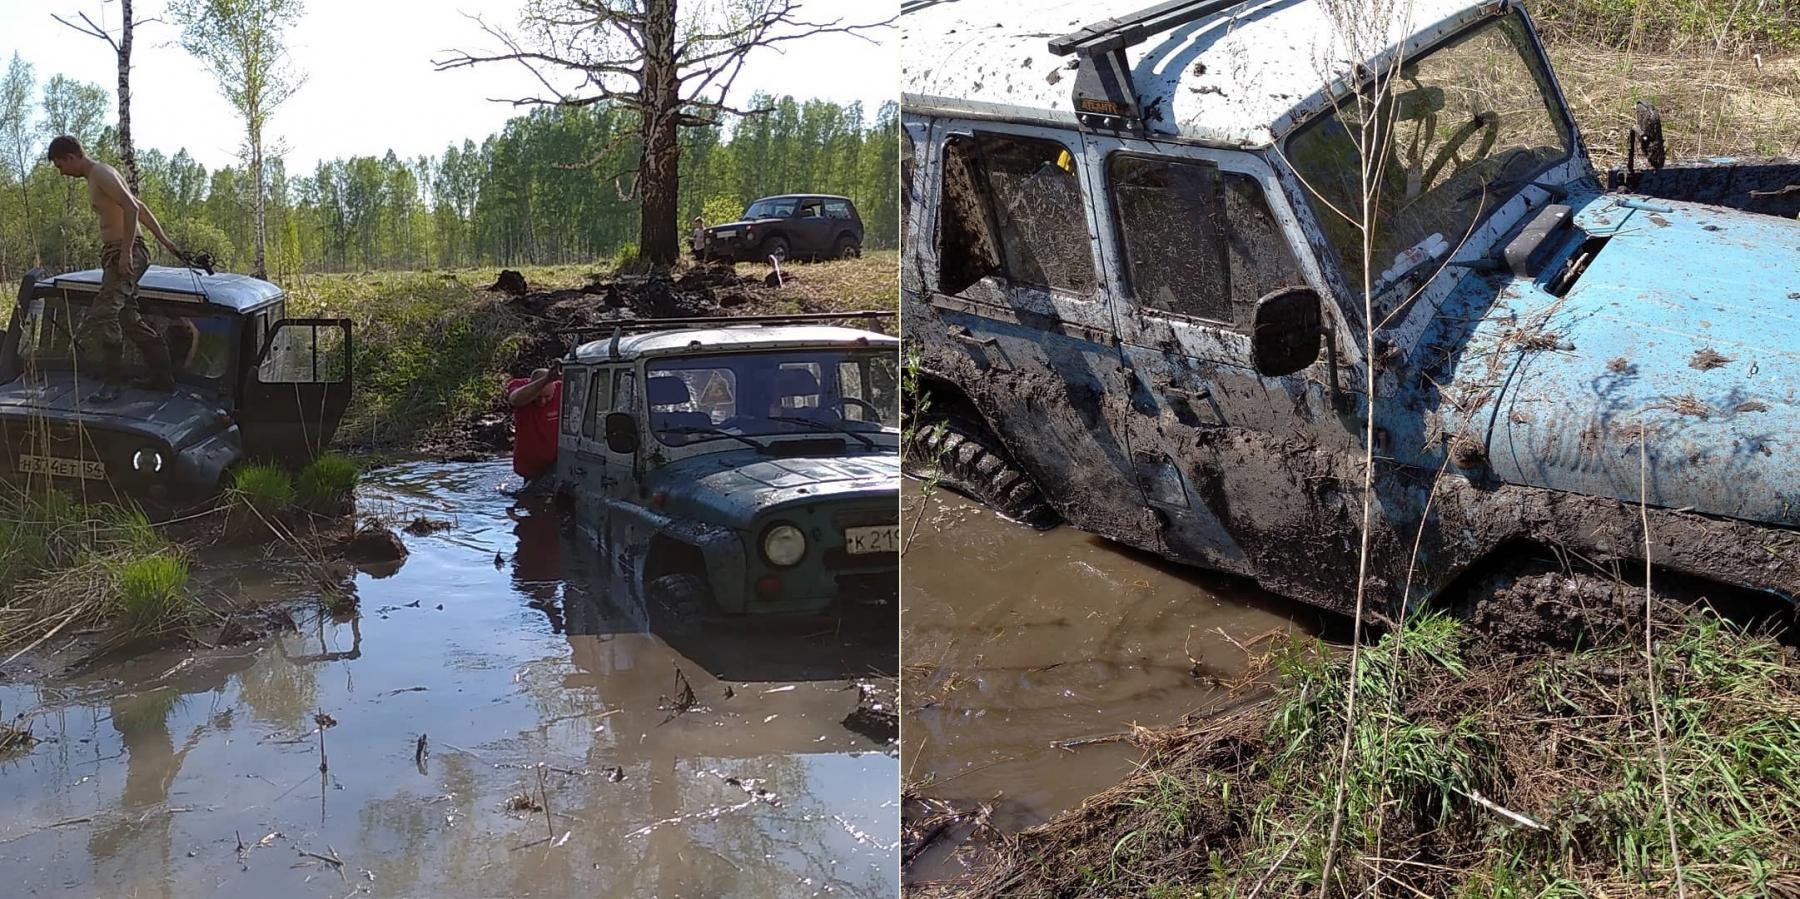 Фото Простые парни на УАЗах: зачем новосибирские экстремалы лезут в непроходимые болота и устраивают свидания с медведями 4